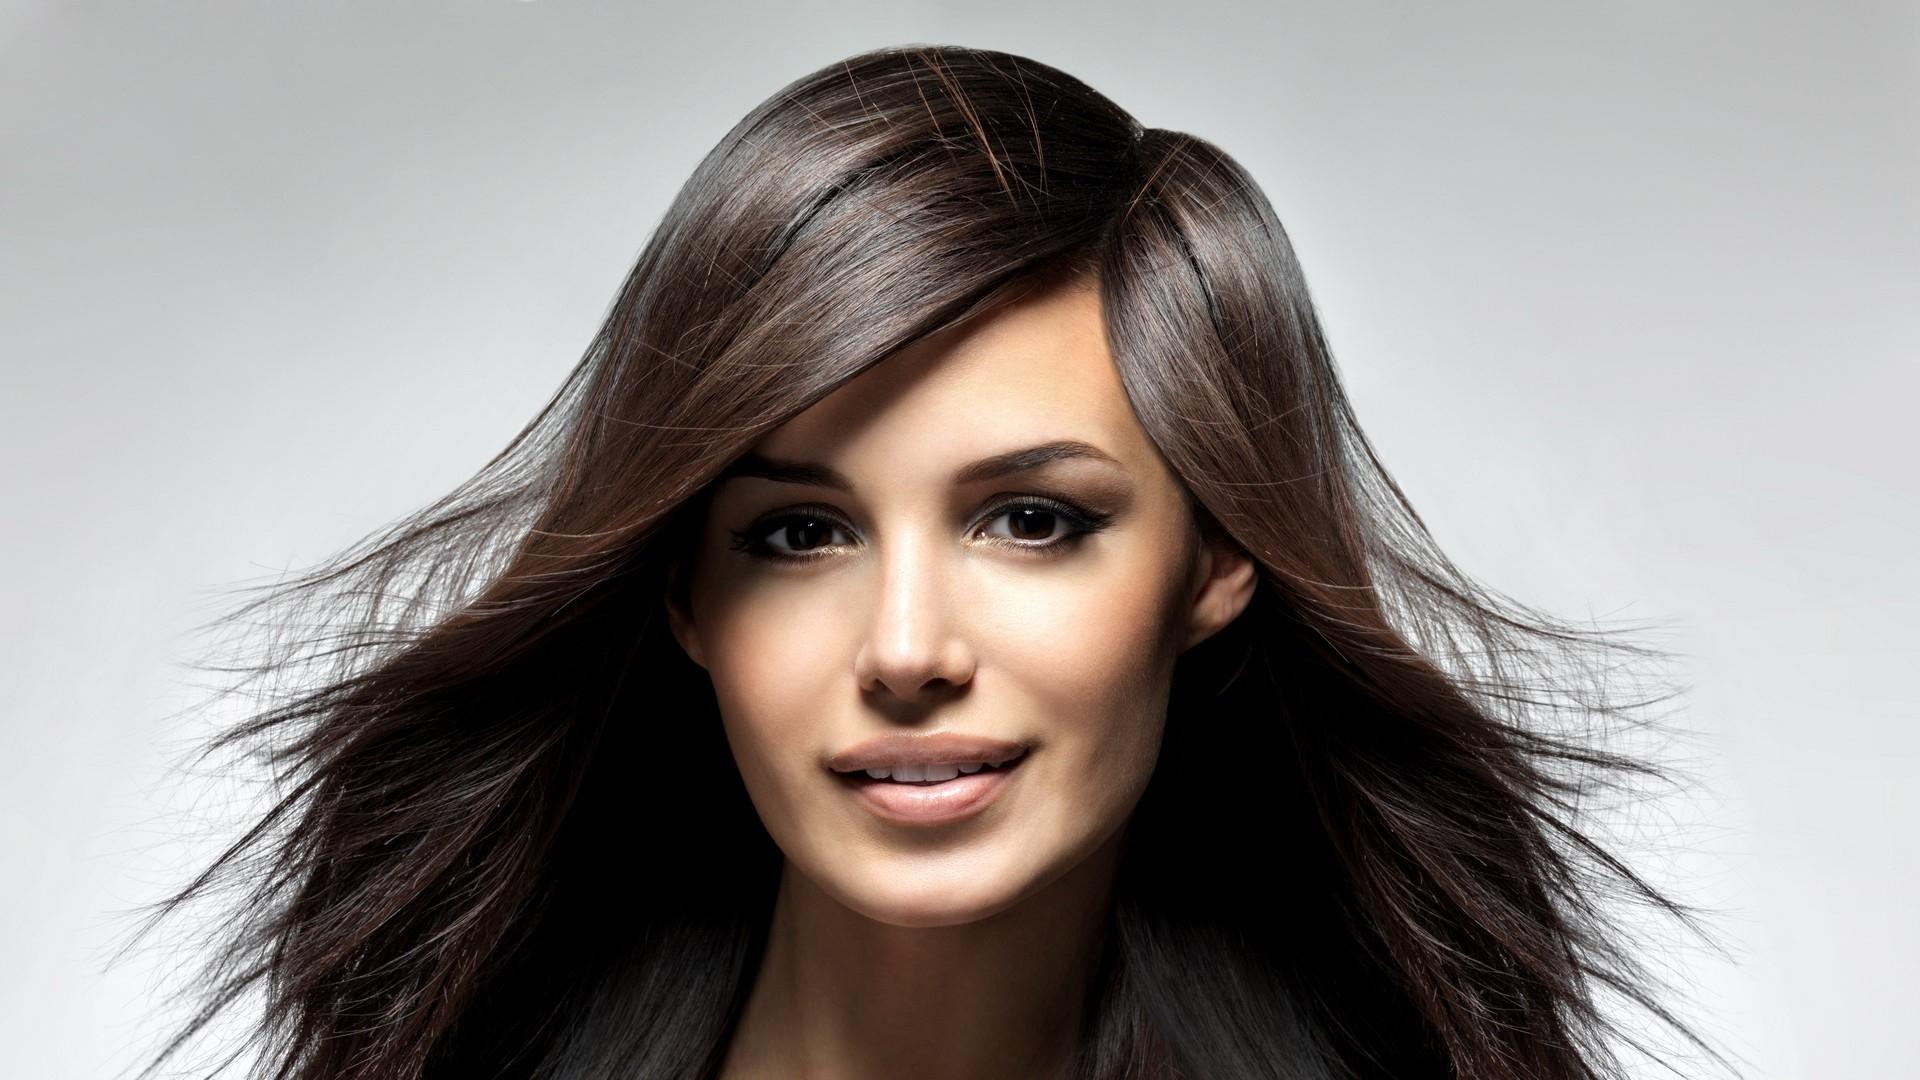 Кто лечил выпадение волос после щитовидной